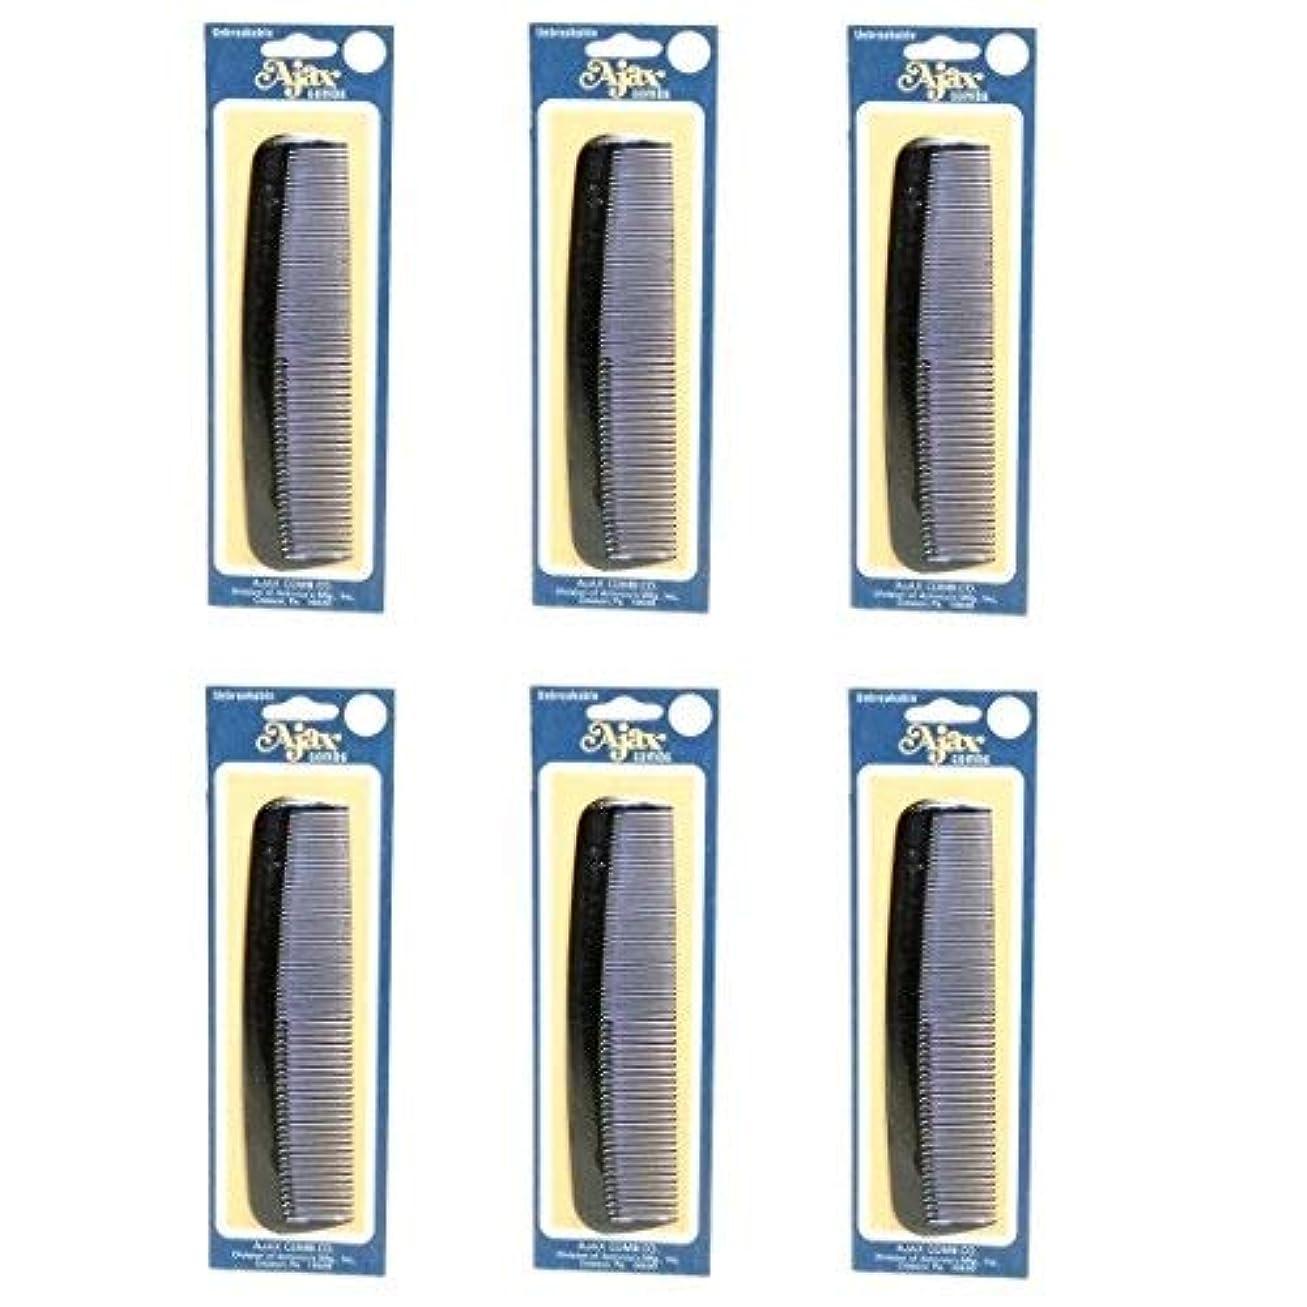 説明する文マトンAjax Unbreakable Hair Combs Super Flexible Pocket Sized Lifetime Guarantee - Proudly Made in the USA (Pack of 6) [並行輸入品]